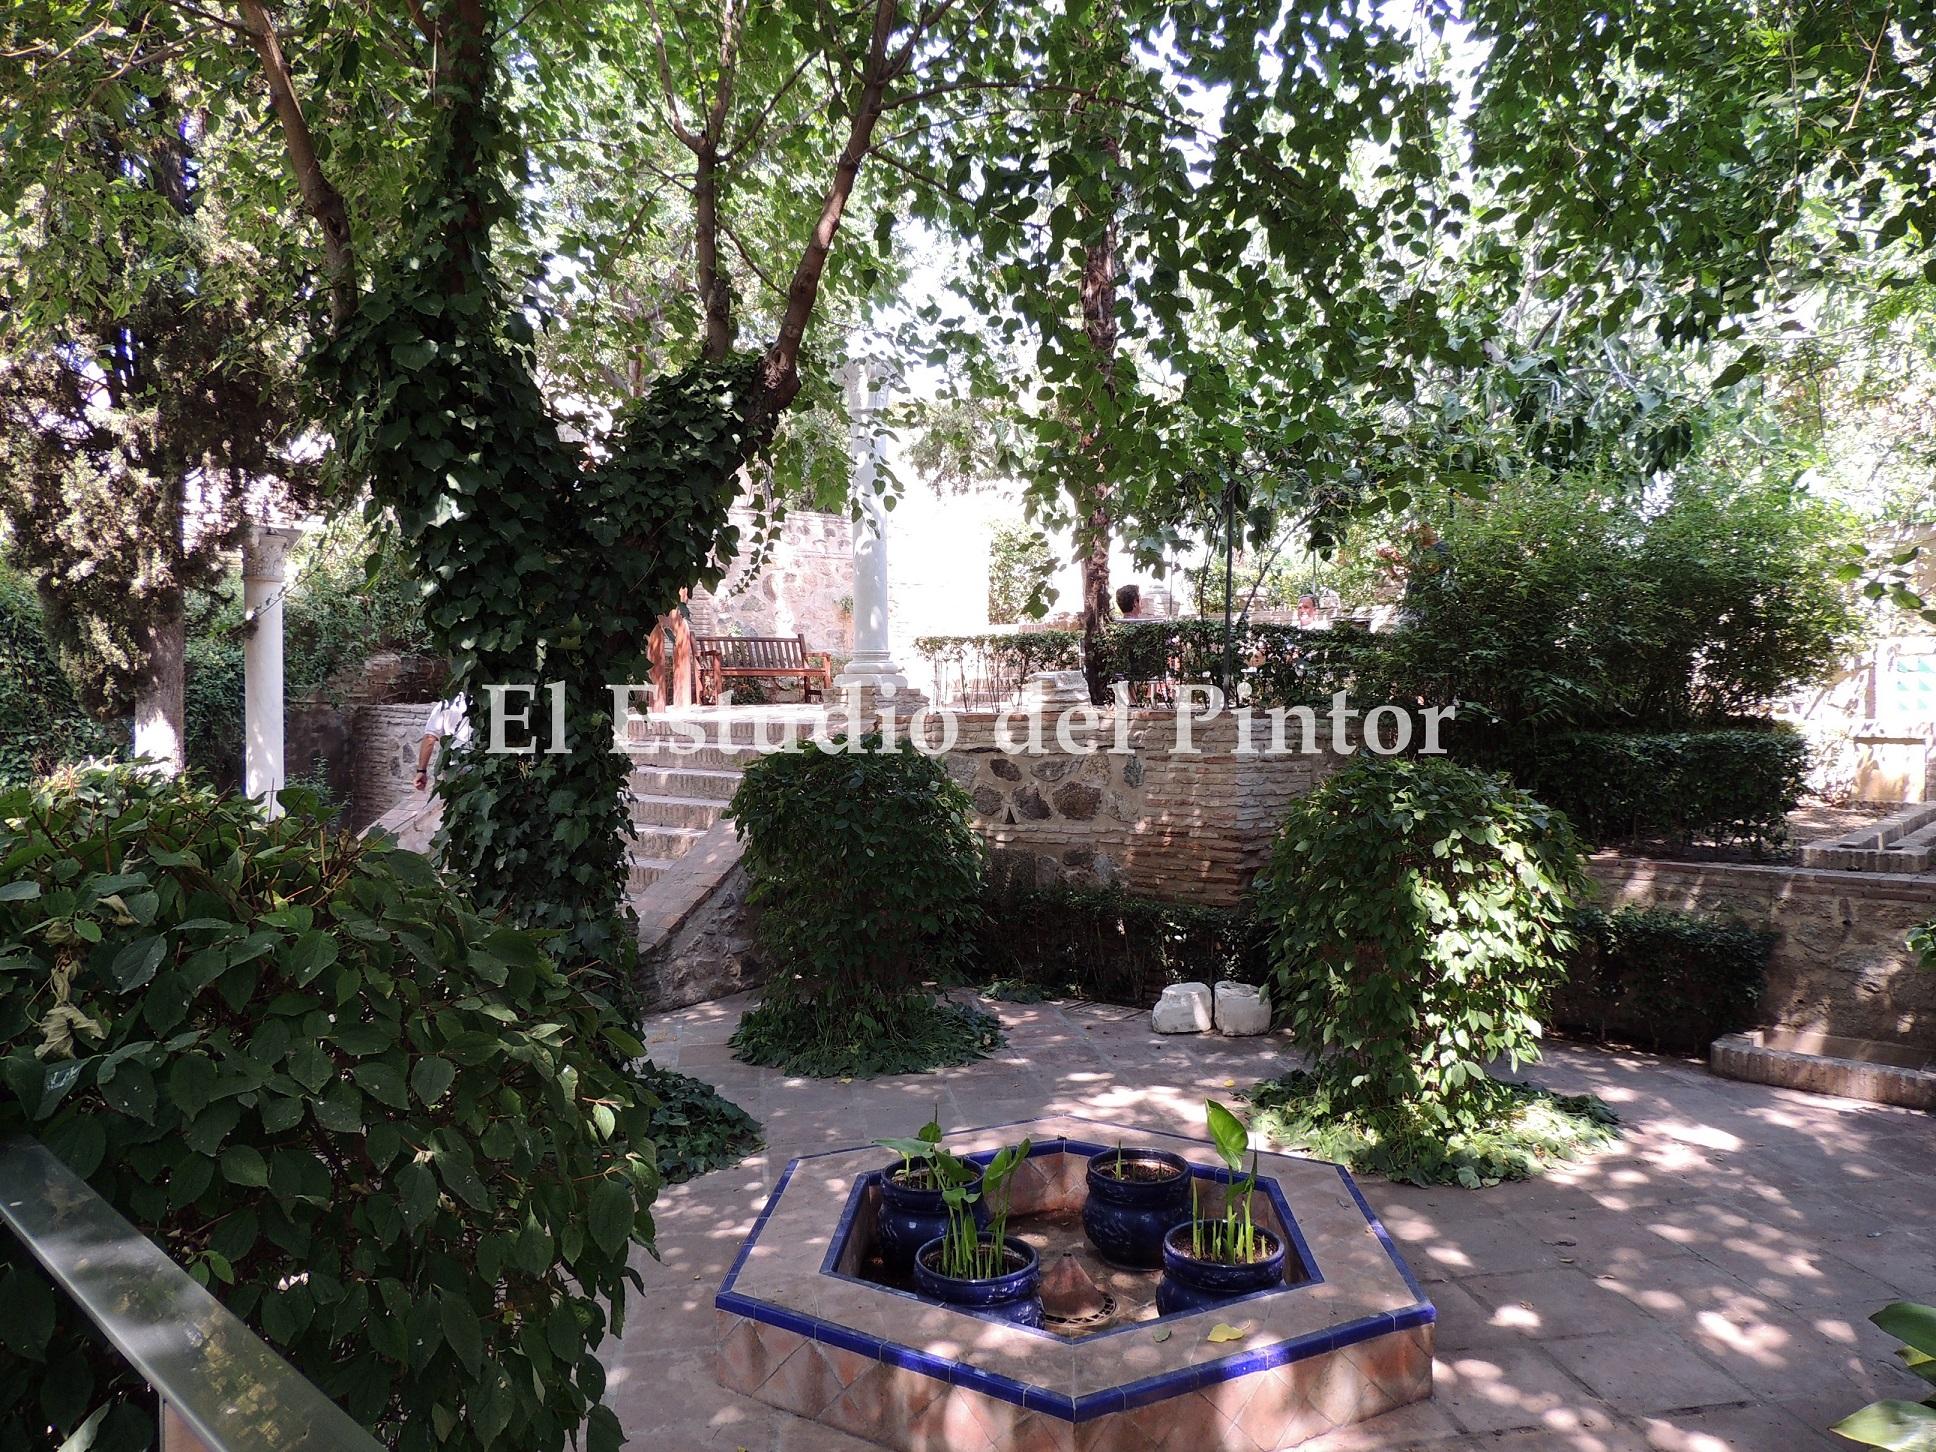 4. Casa museo de El Greco